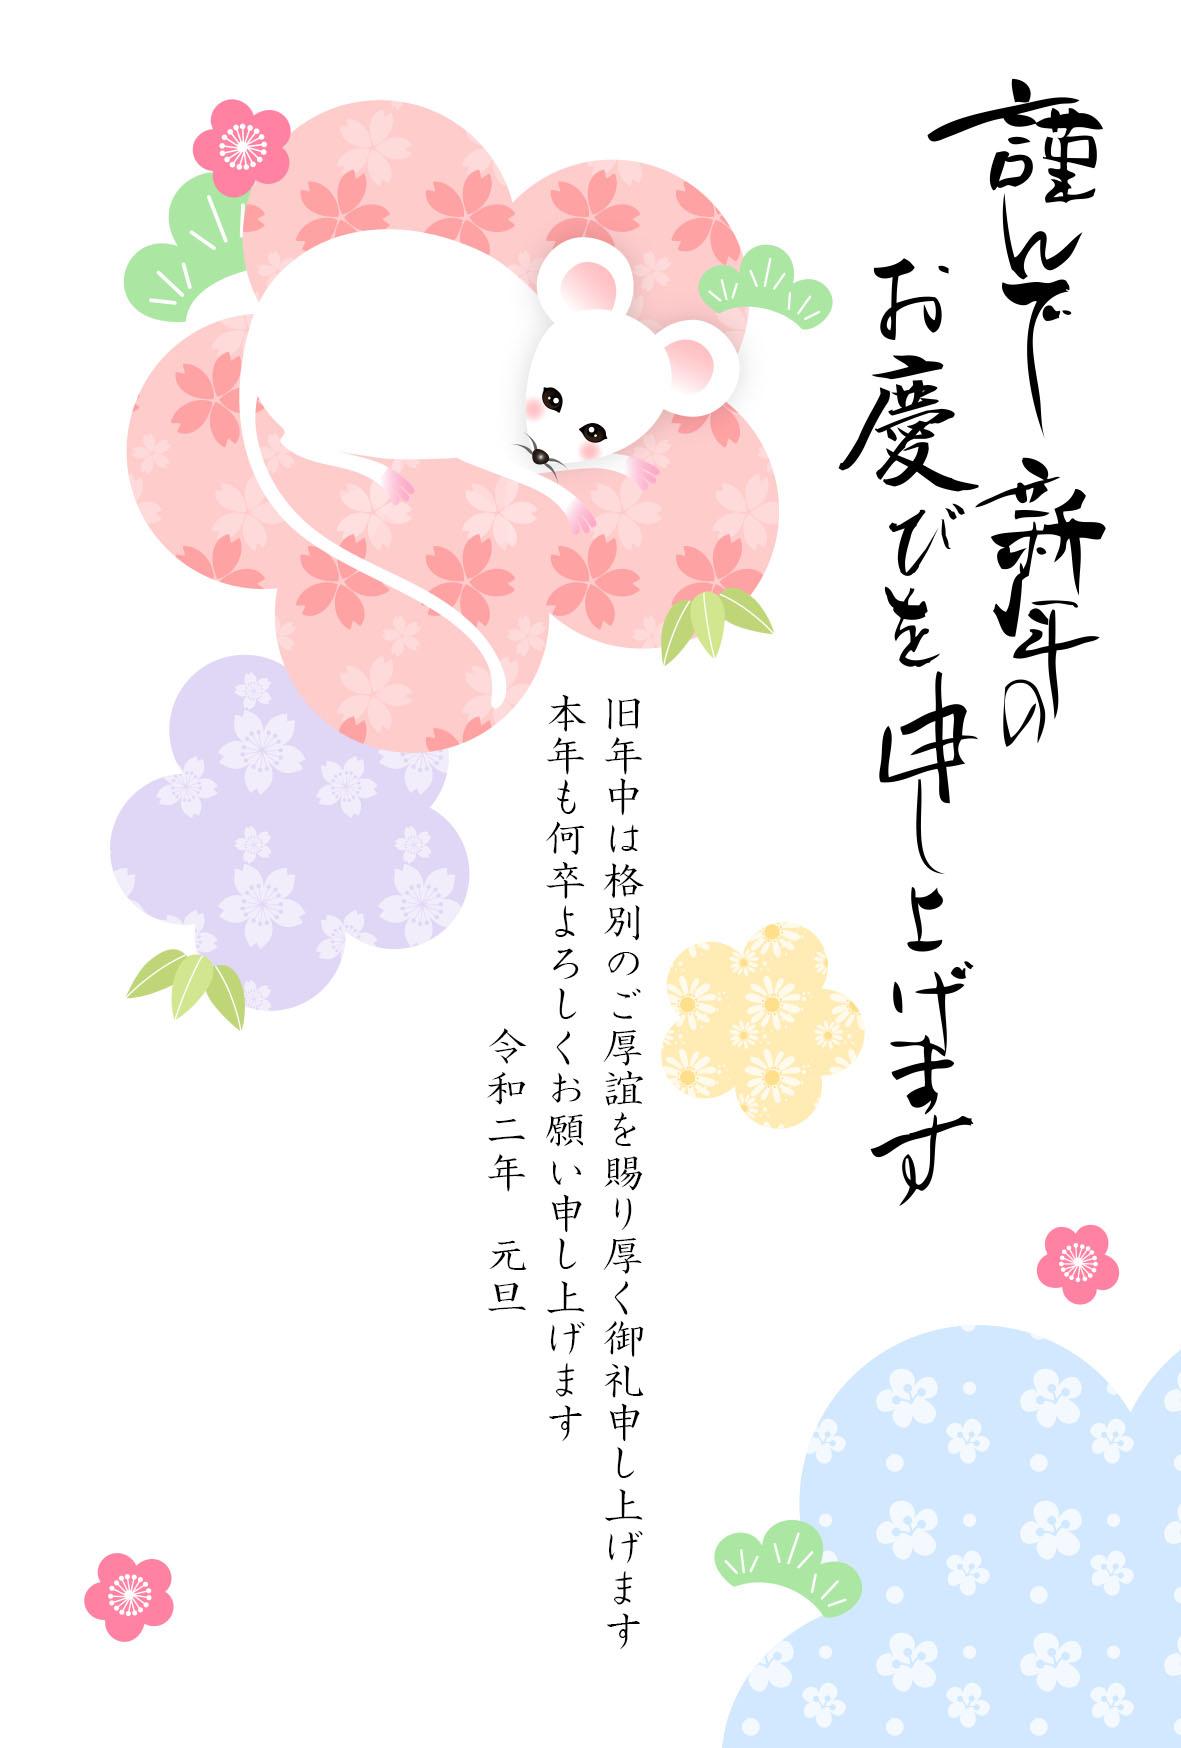 ねずみと松竹梅 2020年 年賀状テンプレート素材 年賀状桜屋